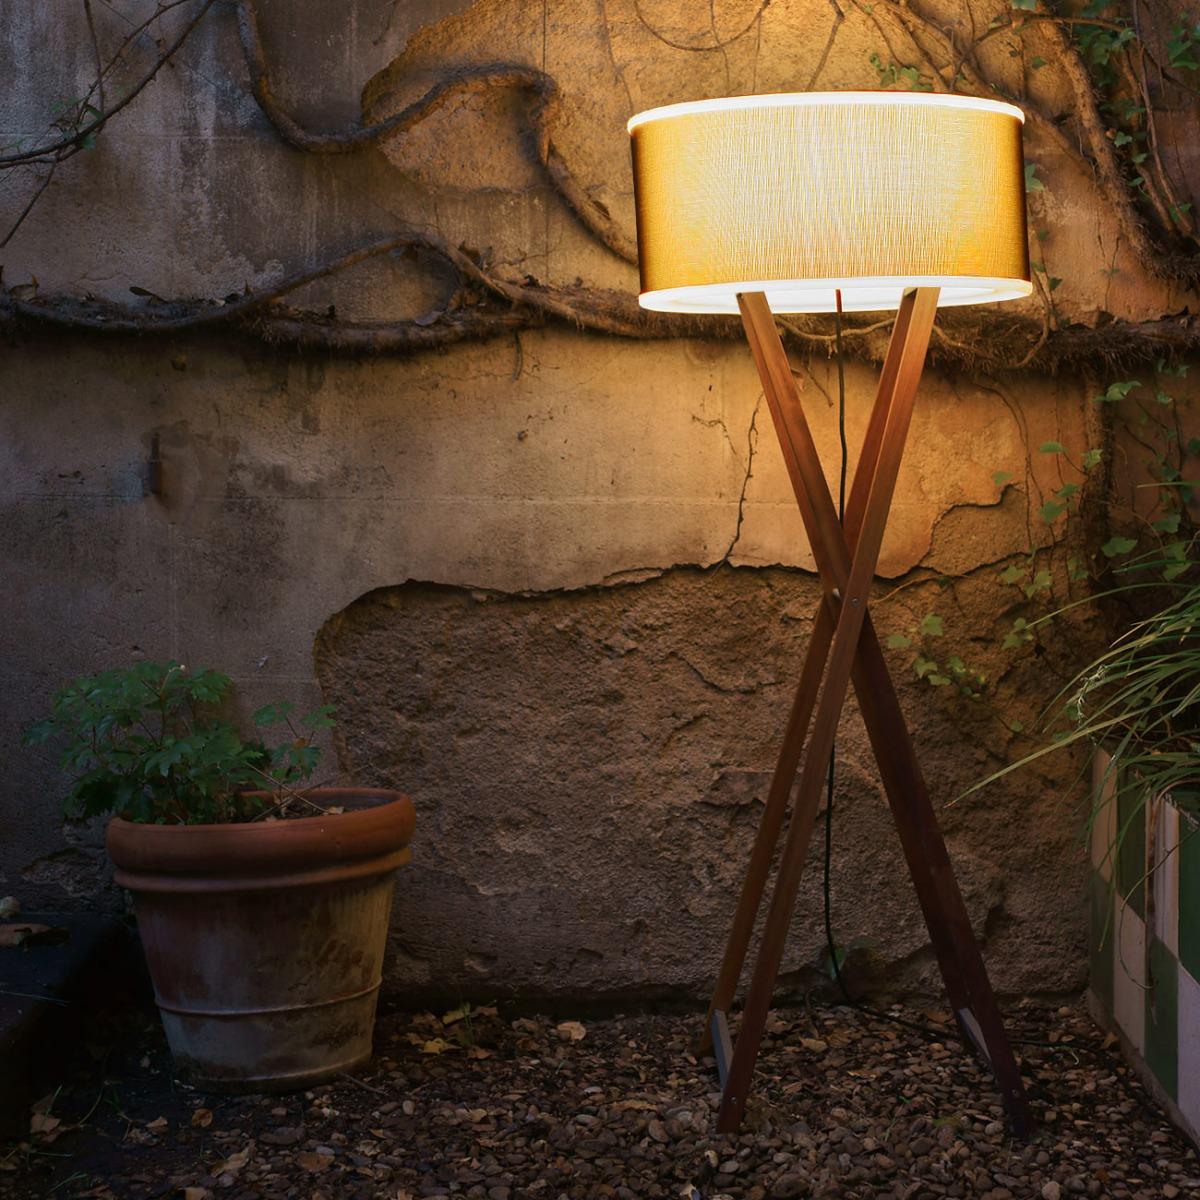 C'est le moment d'éclairer son extérieur nous avons sélectionné 4 lampadaires de jardin